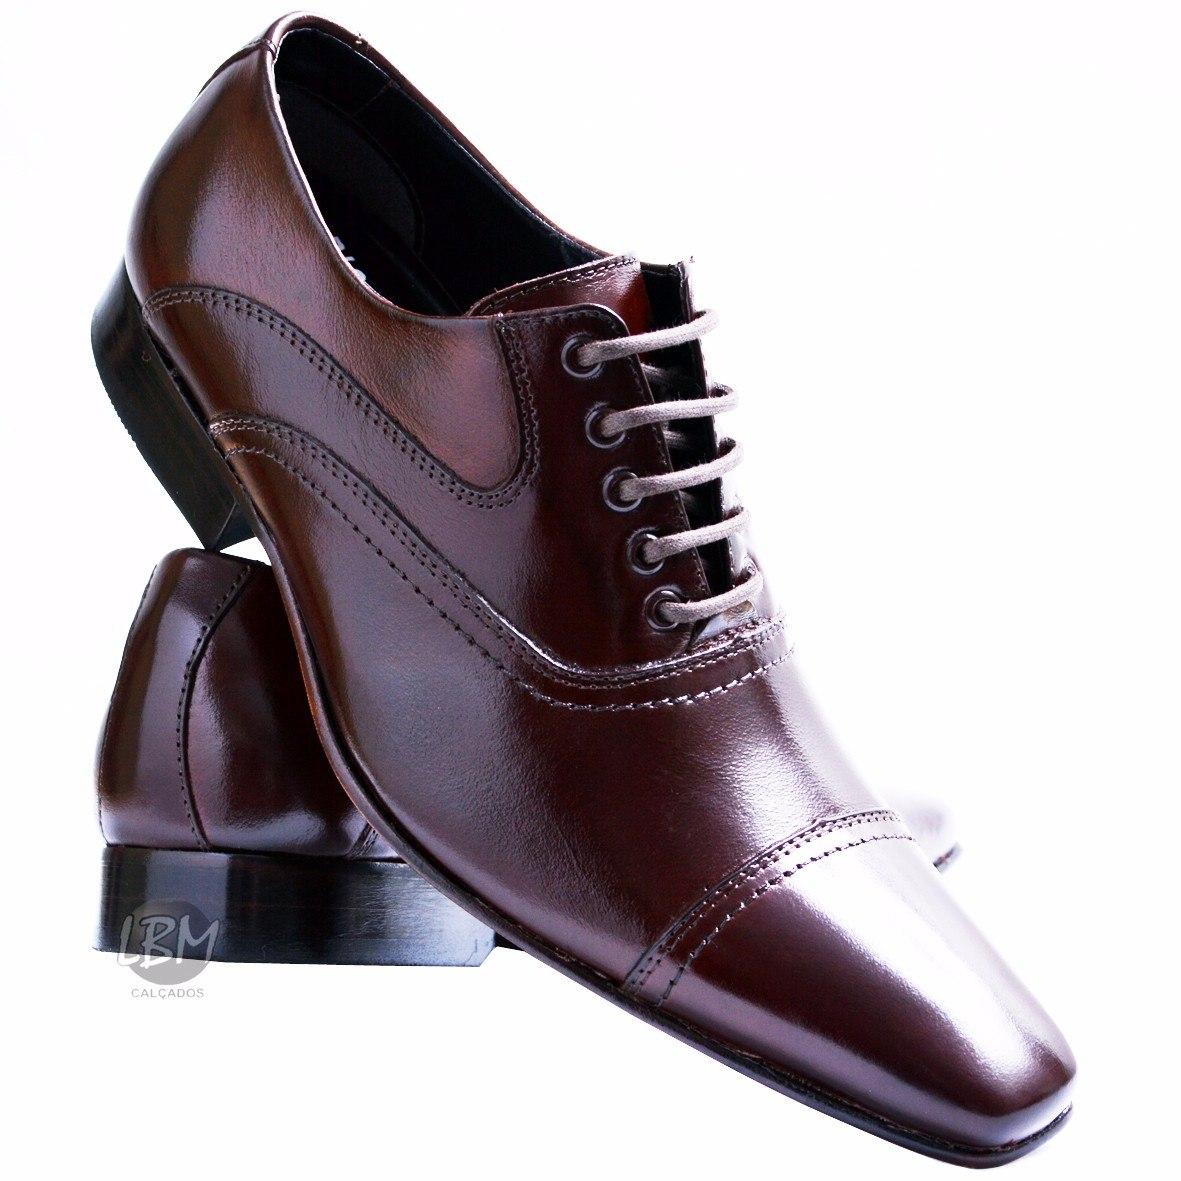 8353d4262c sapato social masculino italiano lançamento marrom bico fino. Carregando  zoom.